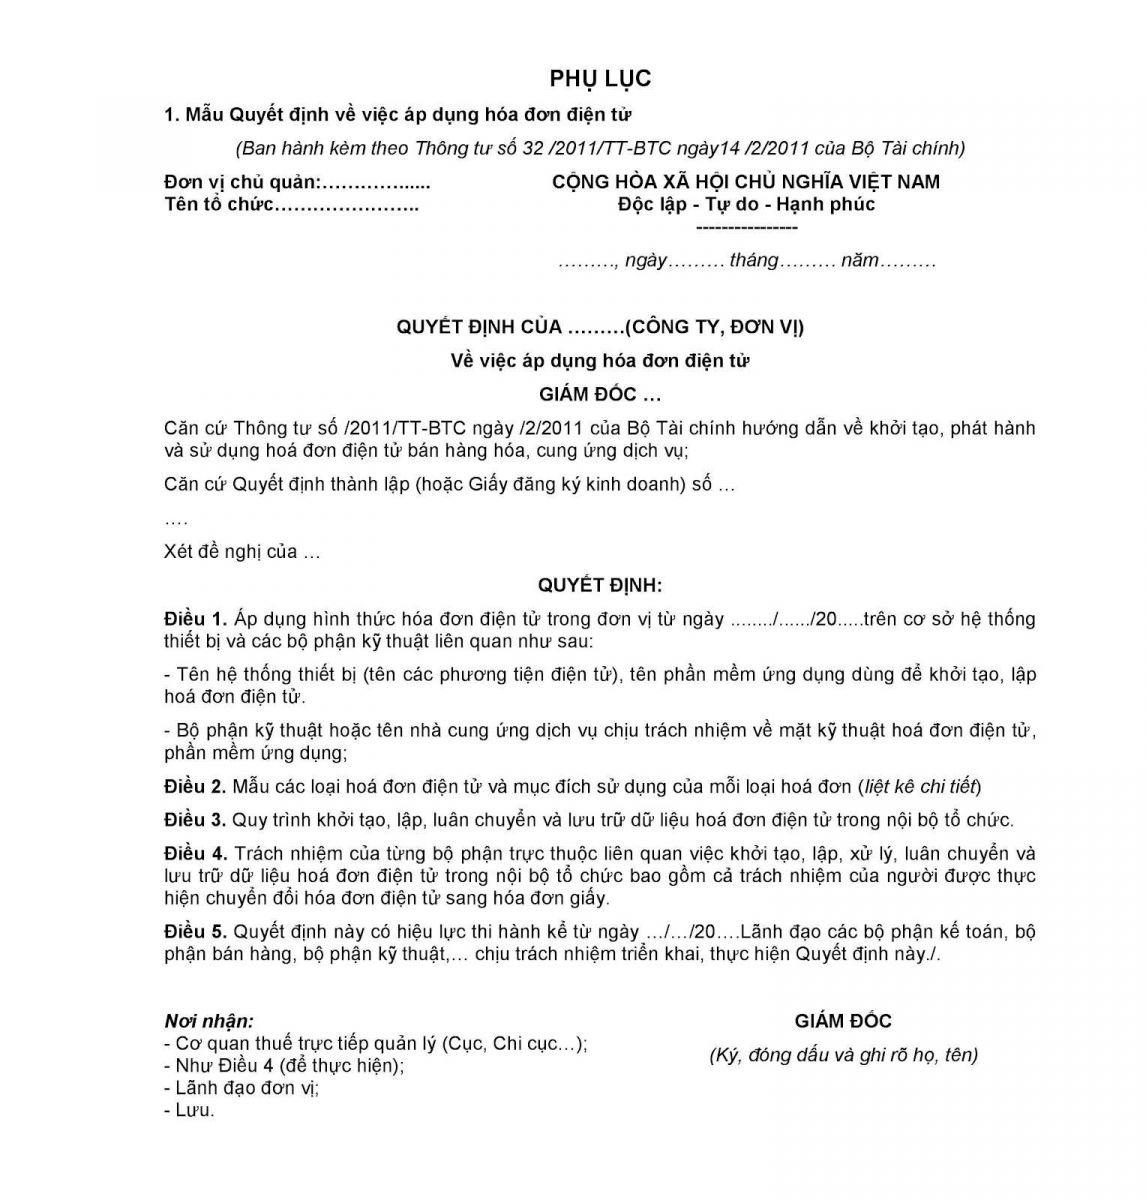 Mẫu đăng ký cấp hóa đơn điện tử trang 1